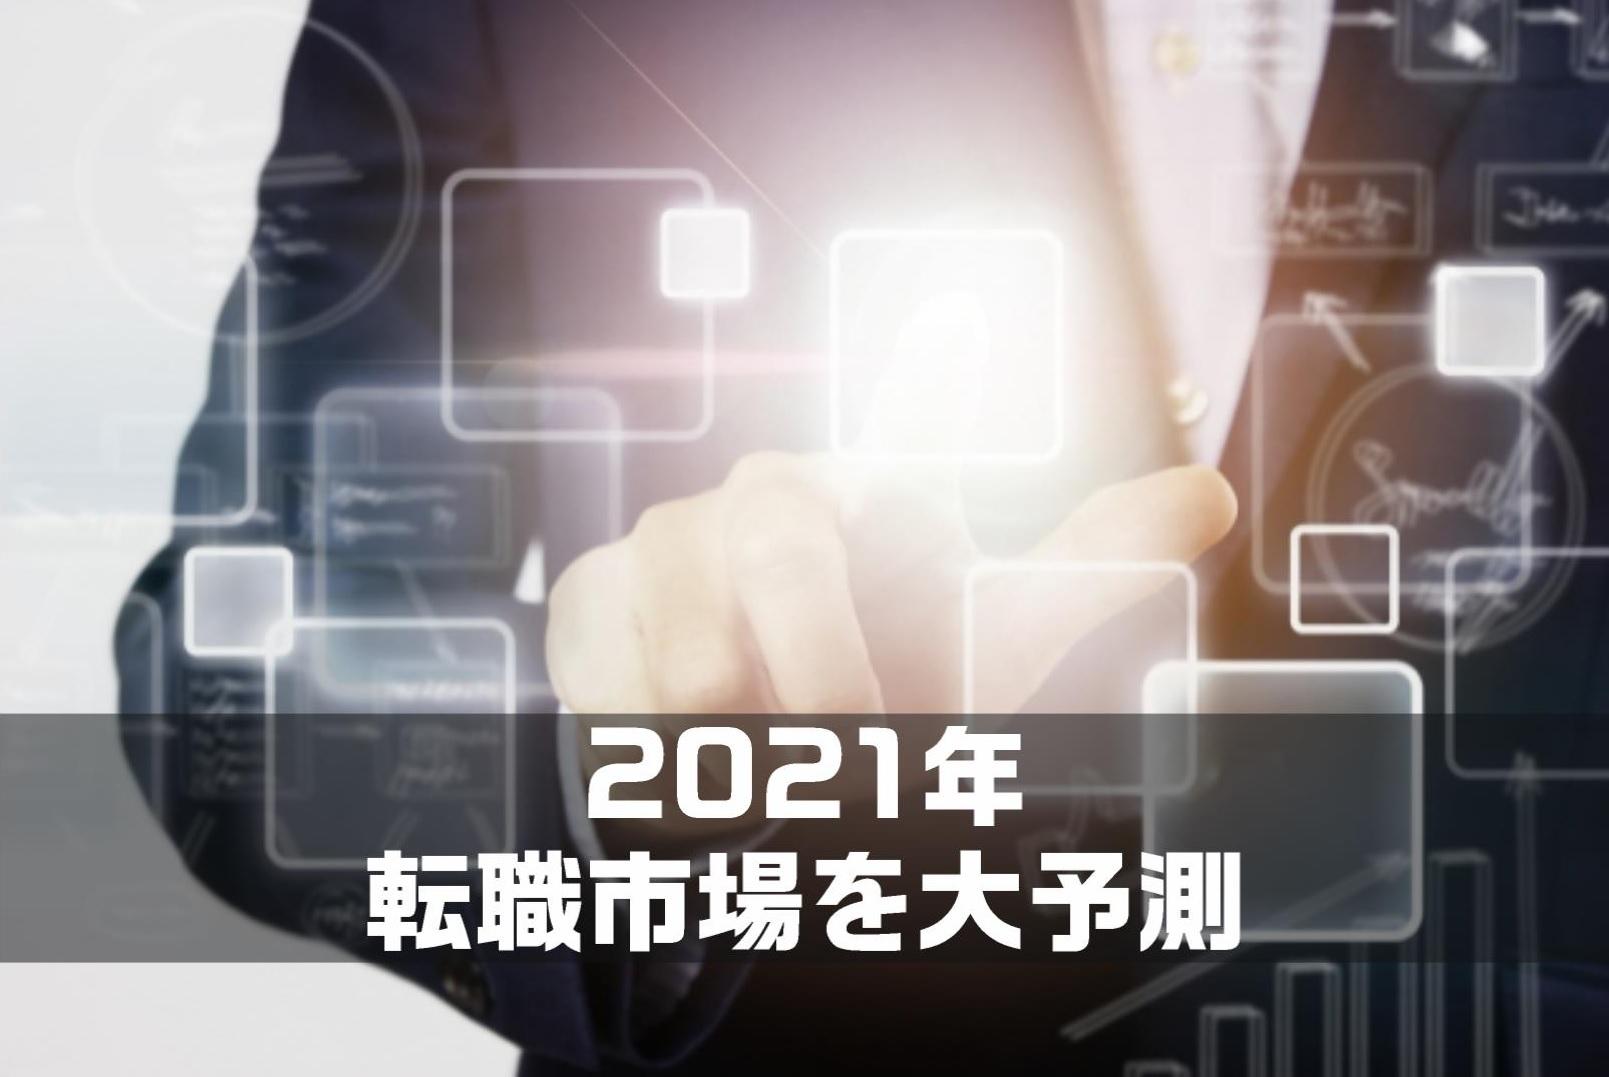 【2021年最新版】これからの転職市場を大予測|現状と動向